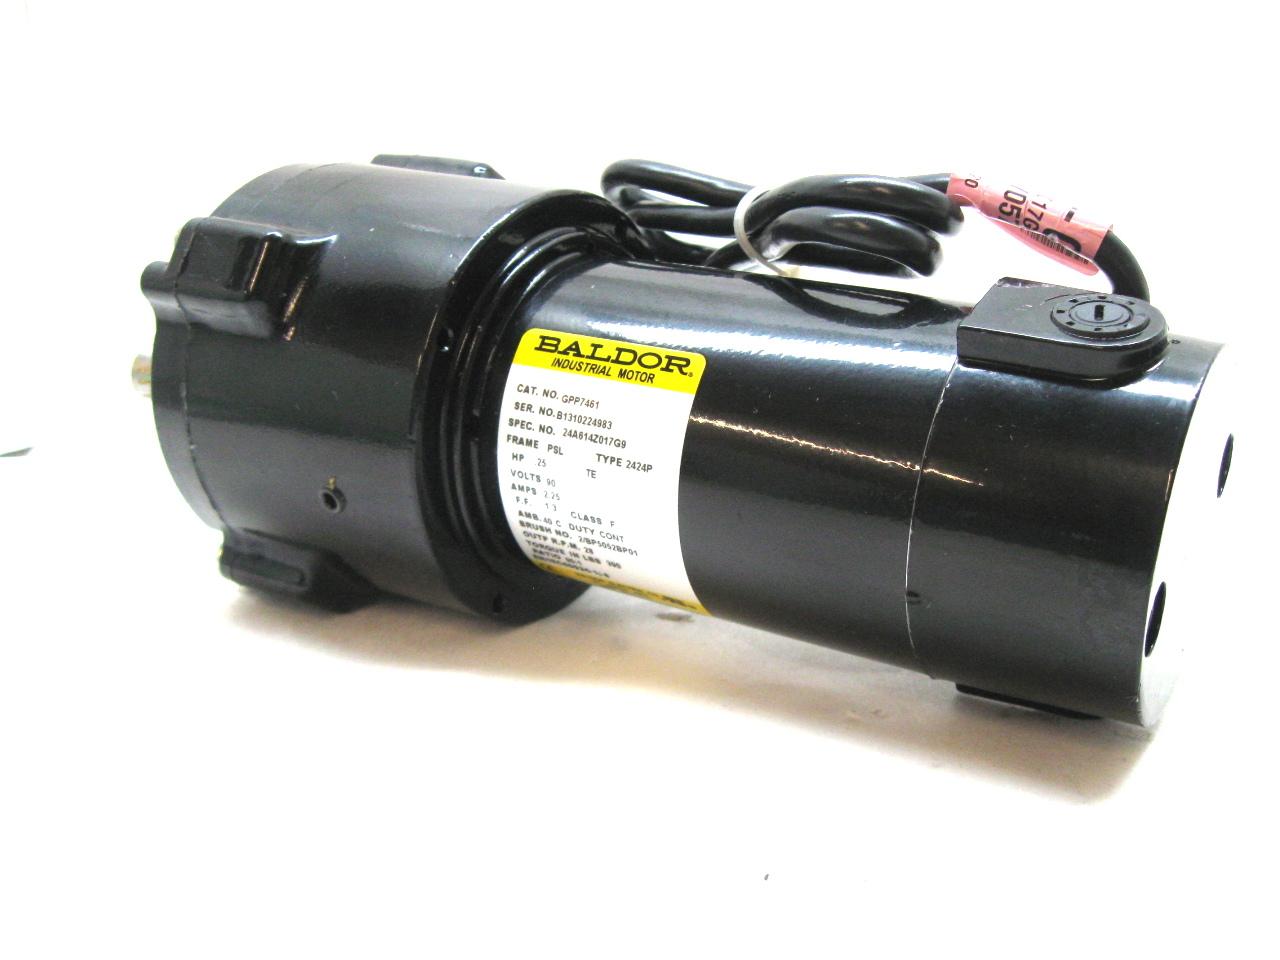 Baldor gpp7461 gear motor 25 hp 2 25 amps 90vdc 28 rpm 90 for 2 hp motor current